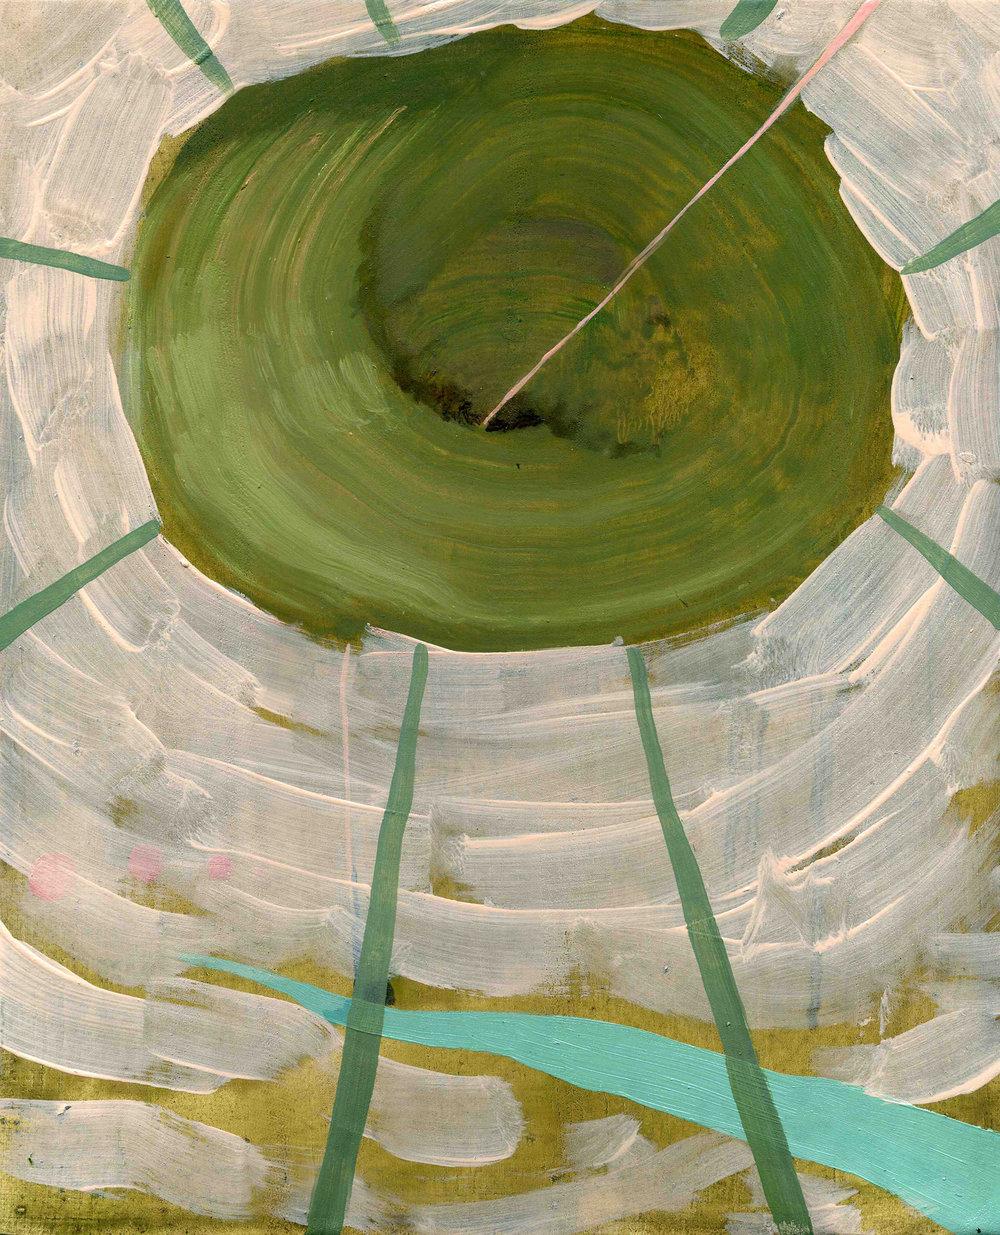 Green Vortex, 2009, Oil on half oil ground, 35 x 25 cm